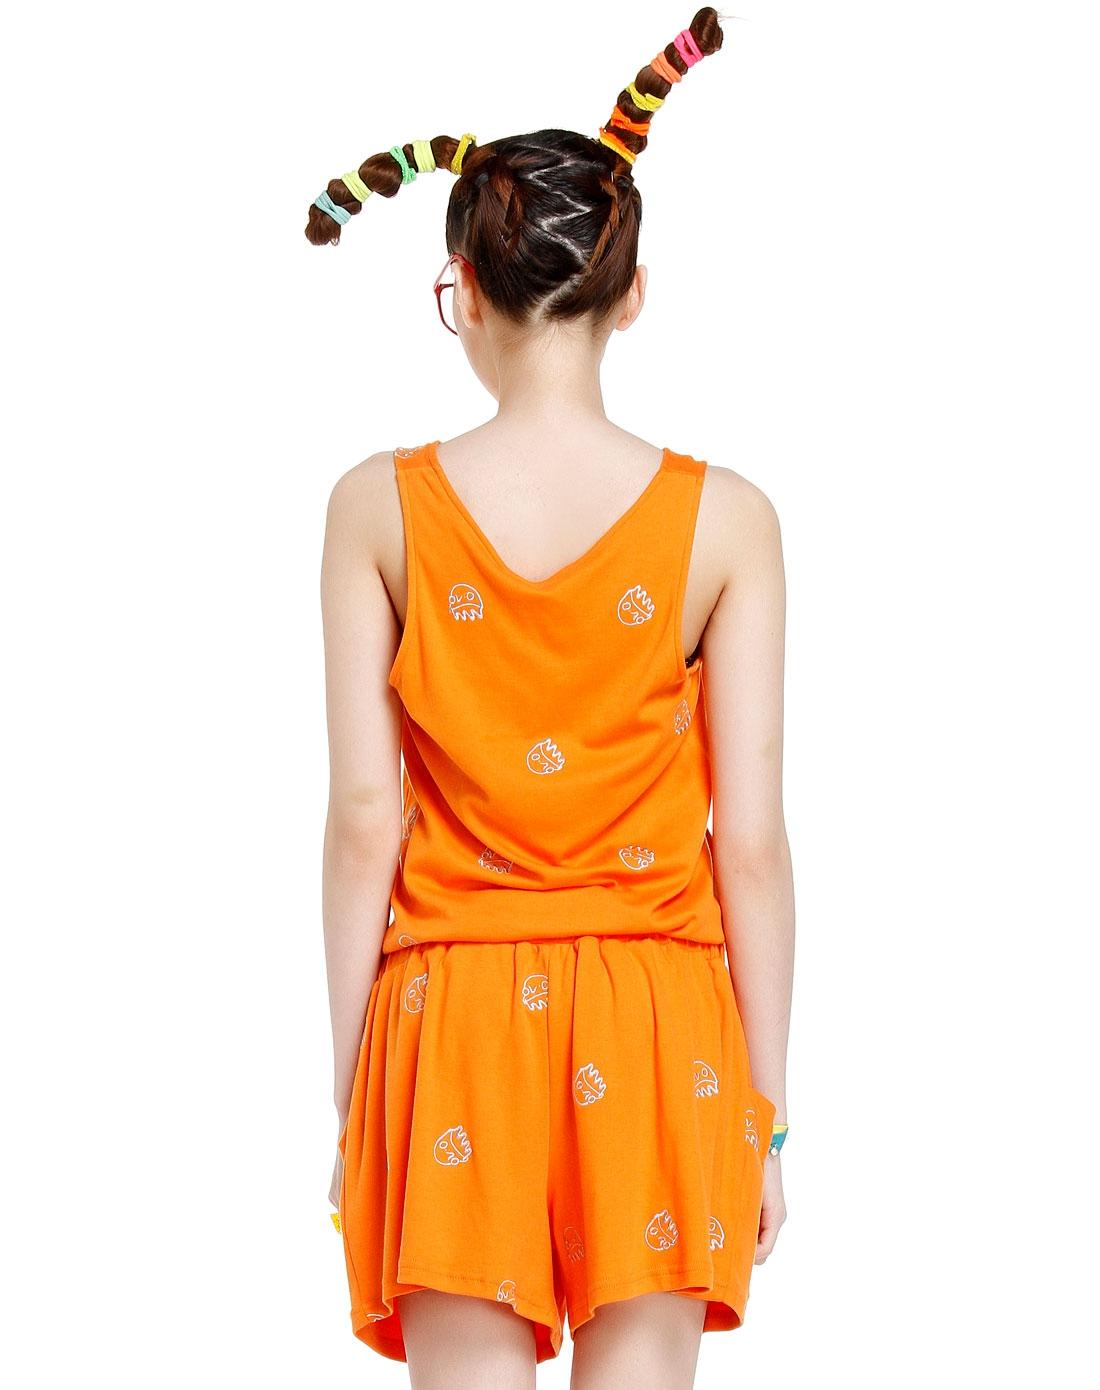 无袖跺(h��ފ9_crz男女装时尚百搭橙色无袖连体裤cdg2qz0329c04_唯品